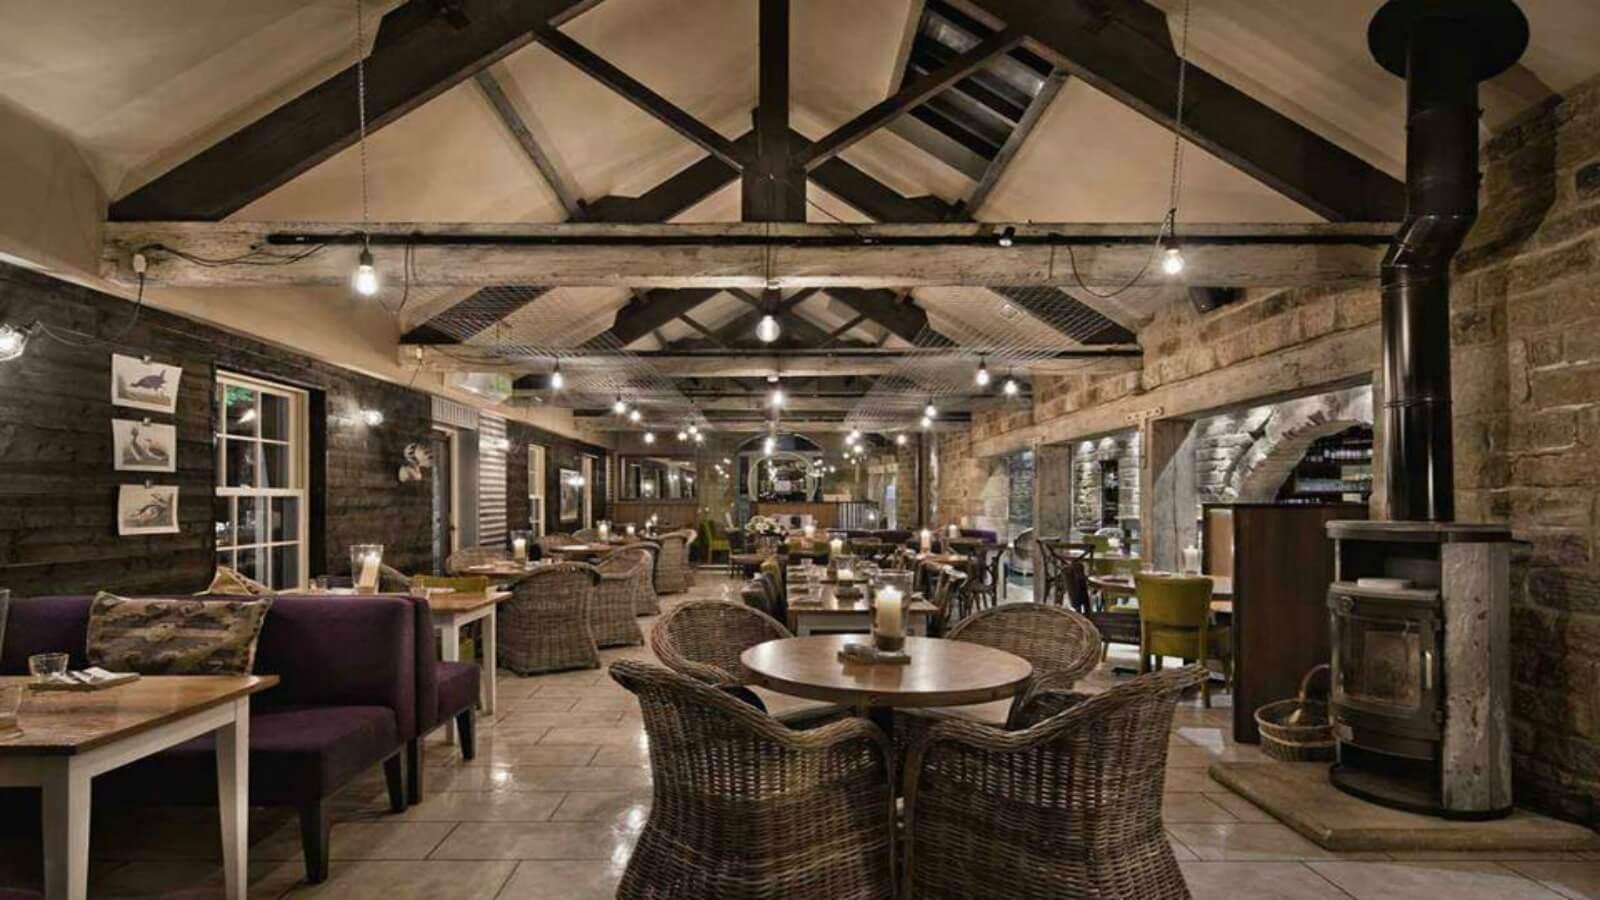 Cerise Restaurant & Bar